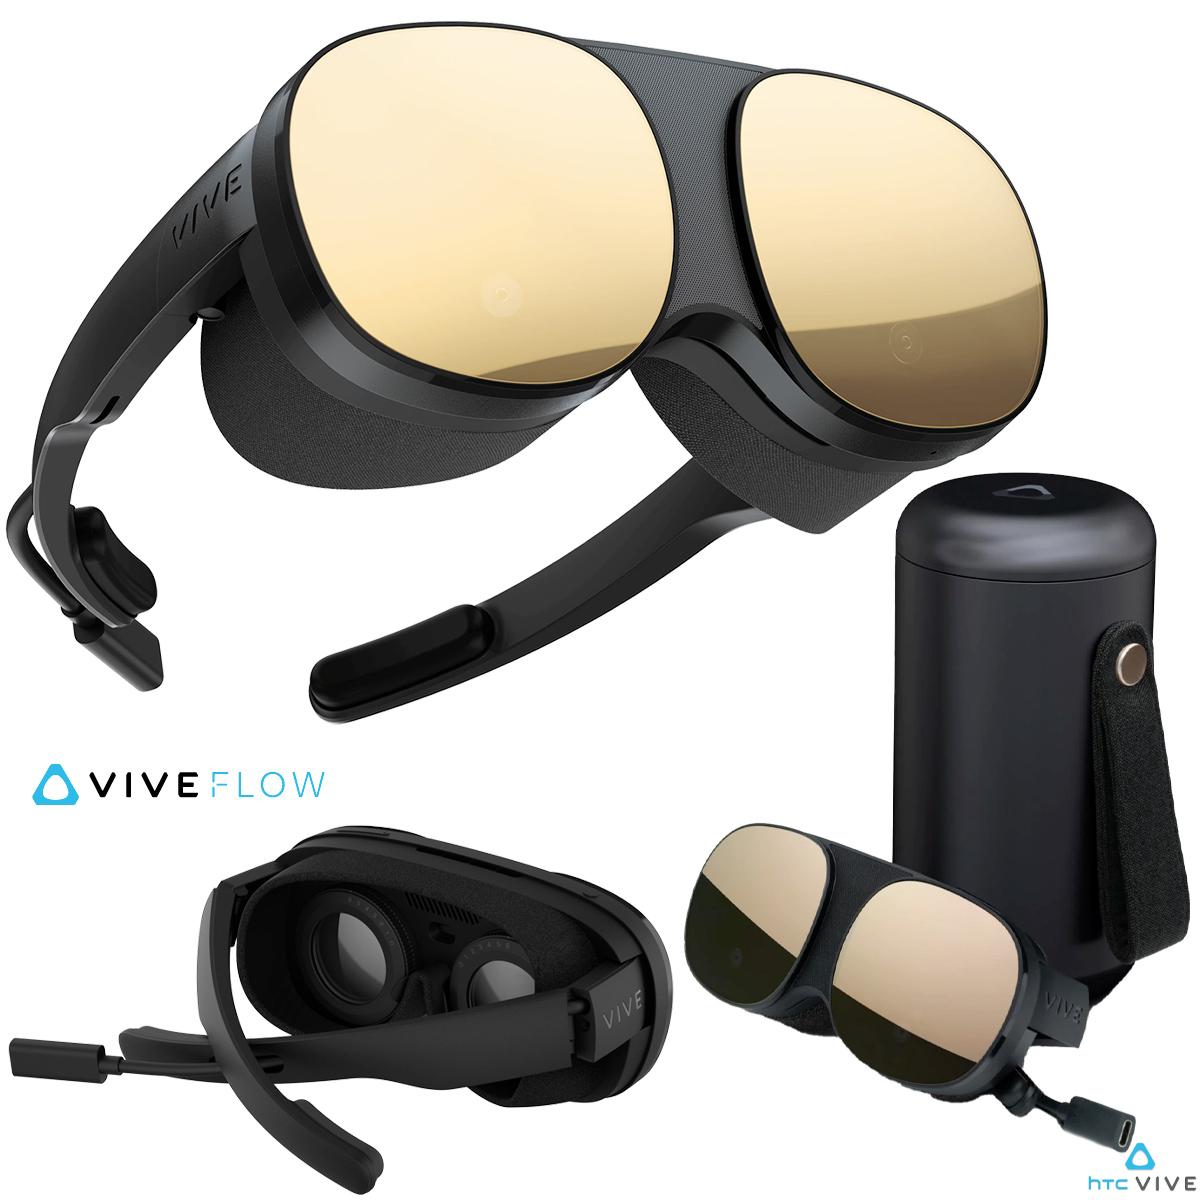 Vive Flow VR Headset da HTC com design de óculos de sol miniatura